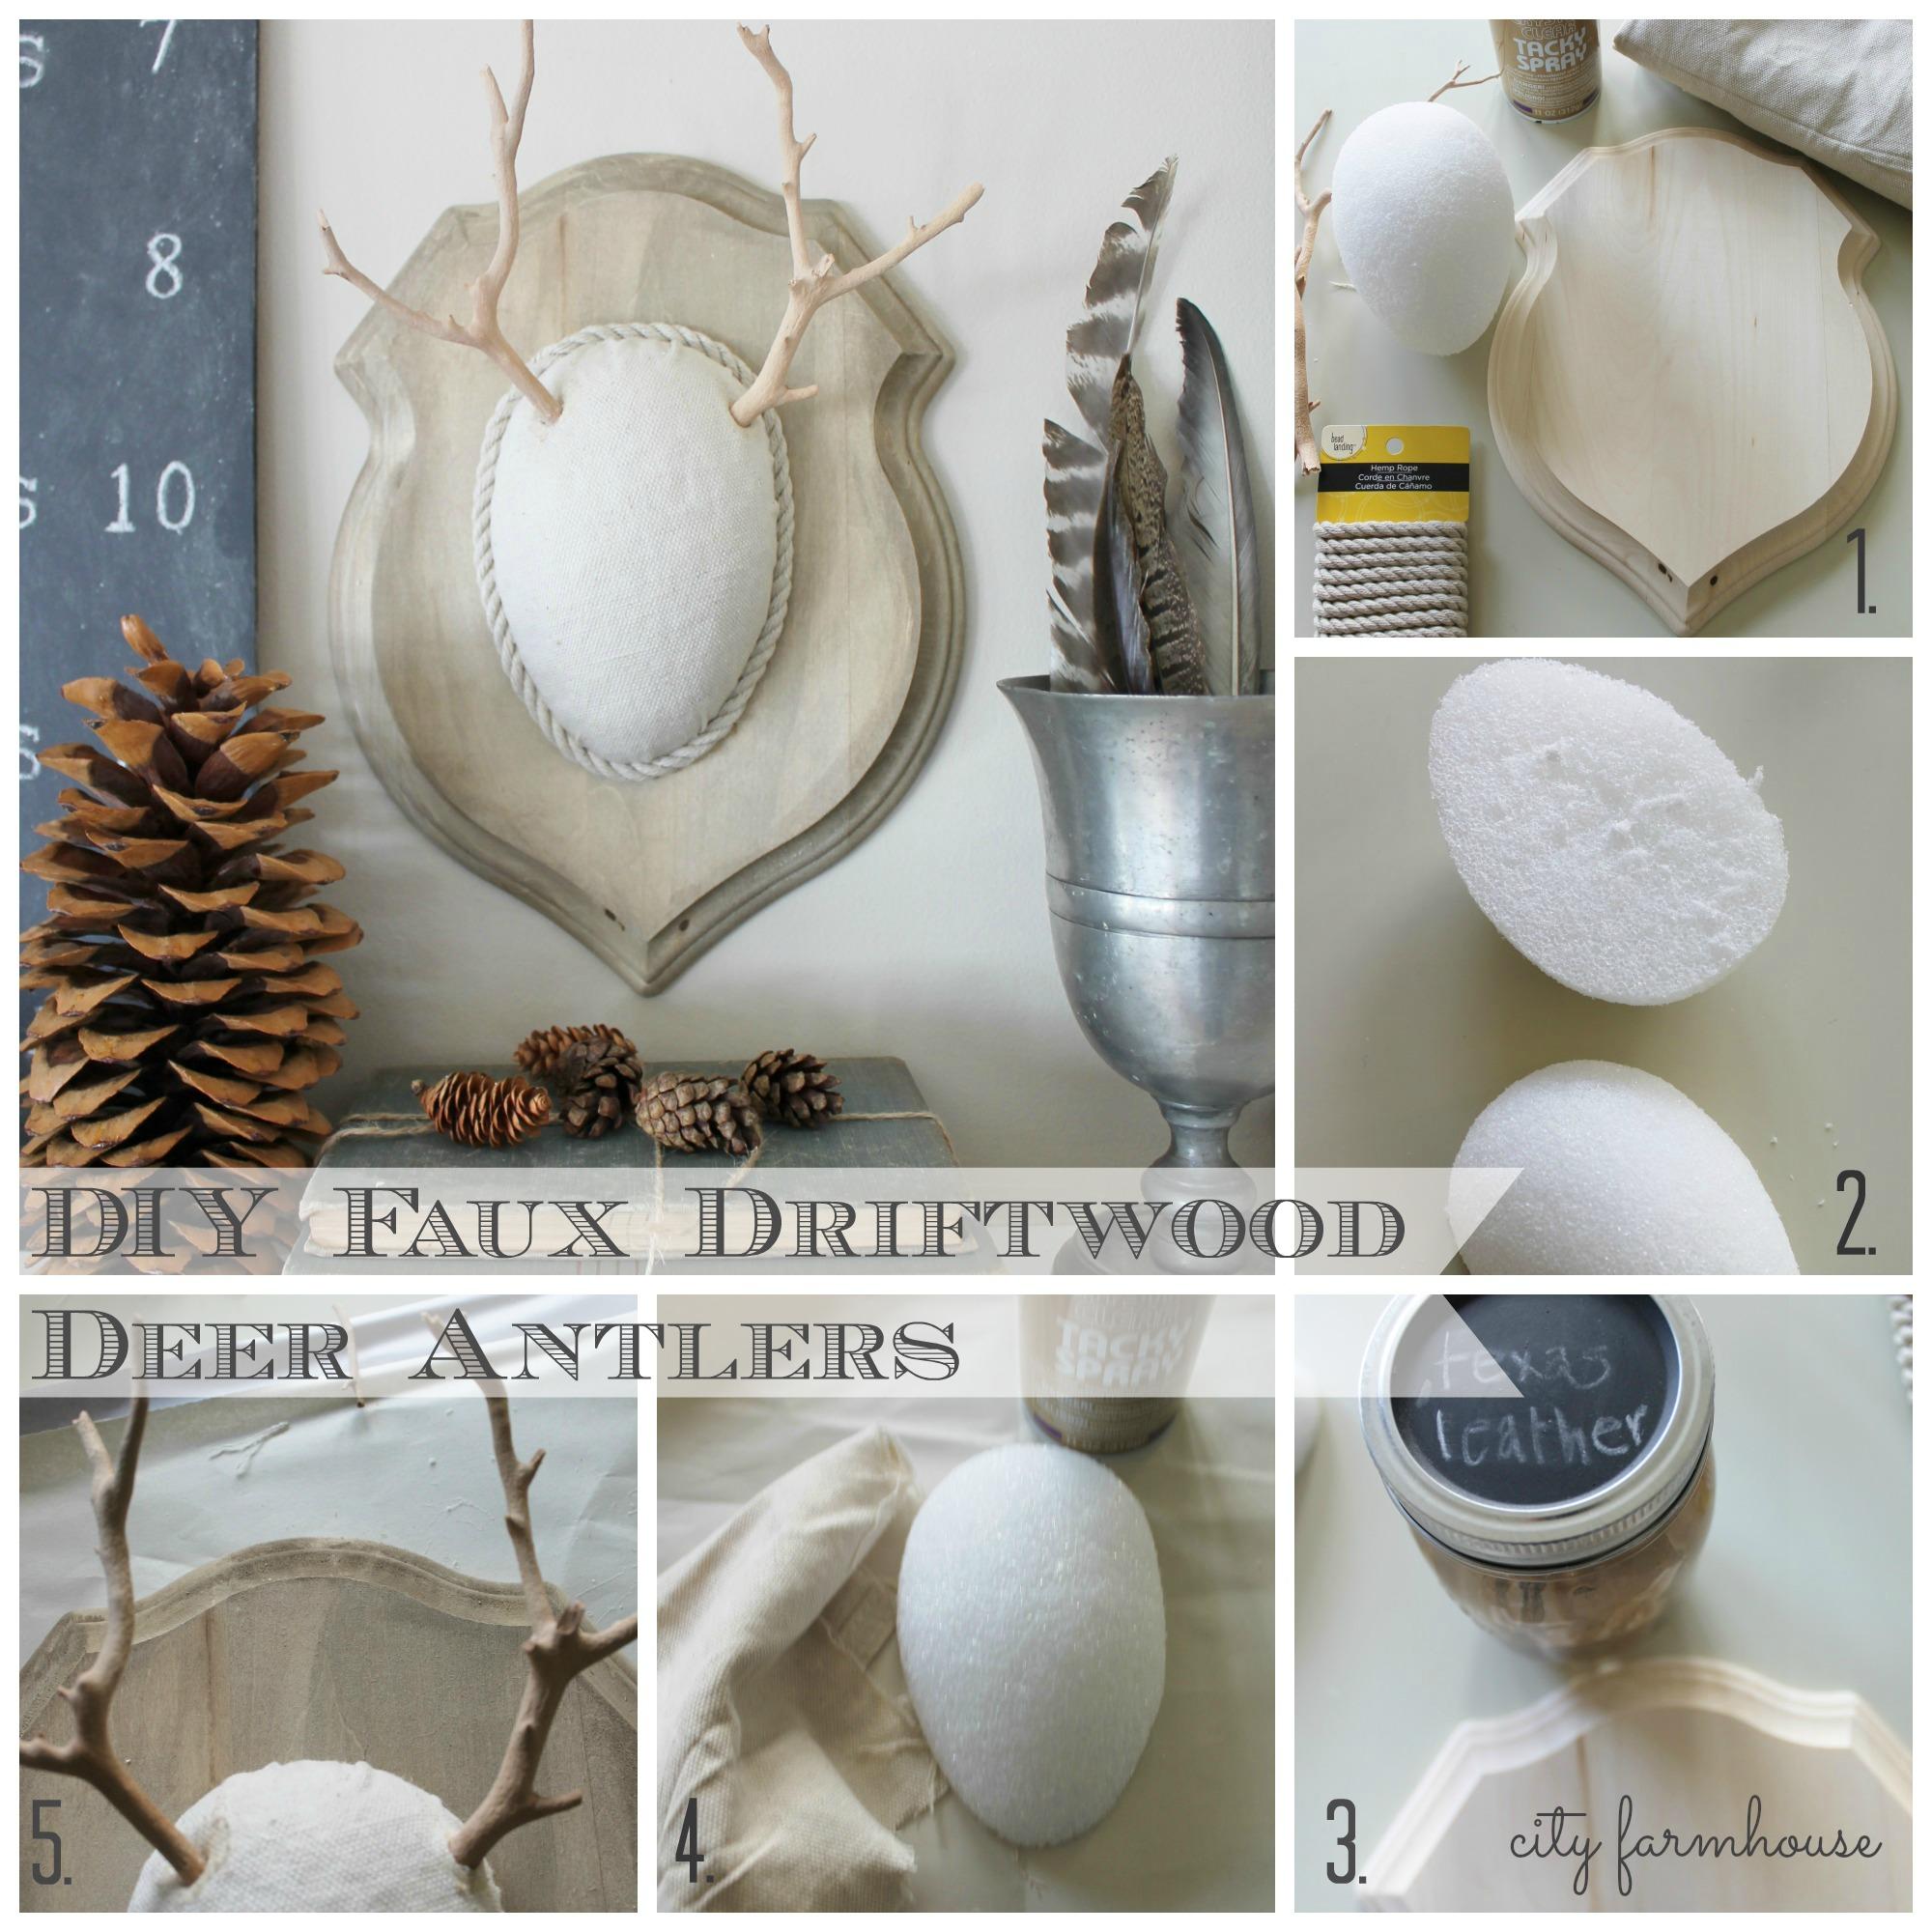 DIY Faux Driftwood Deer Antlers - City